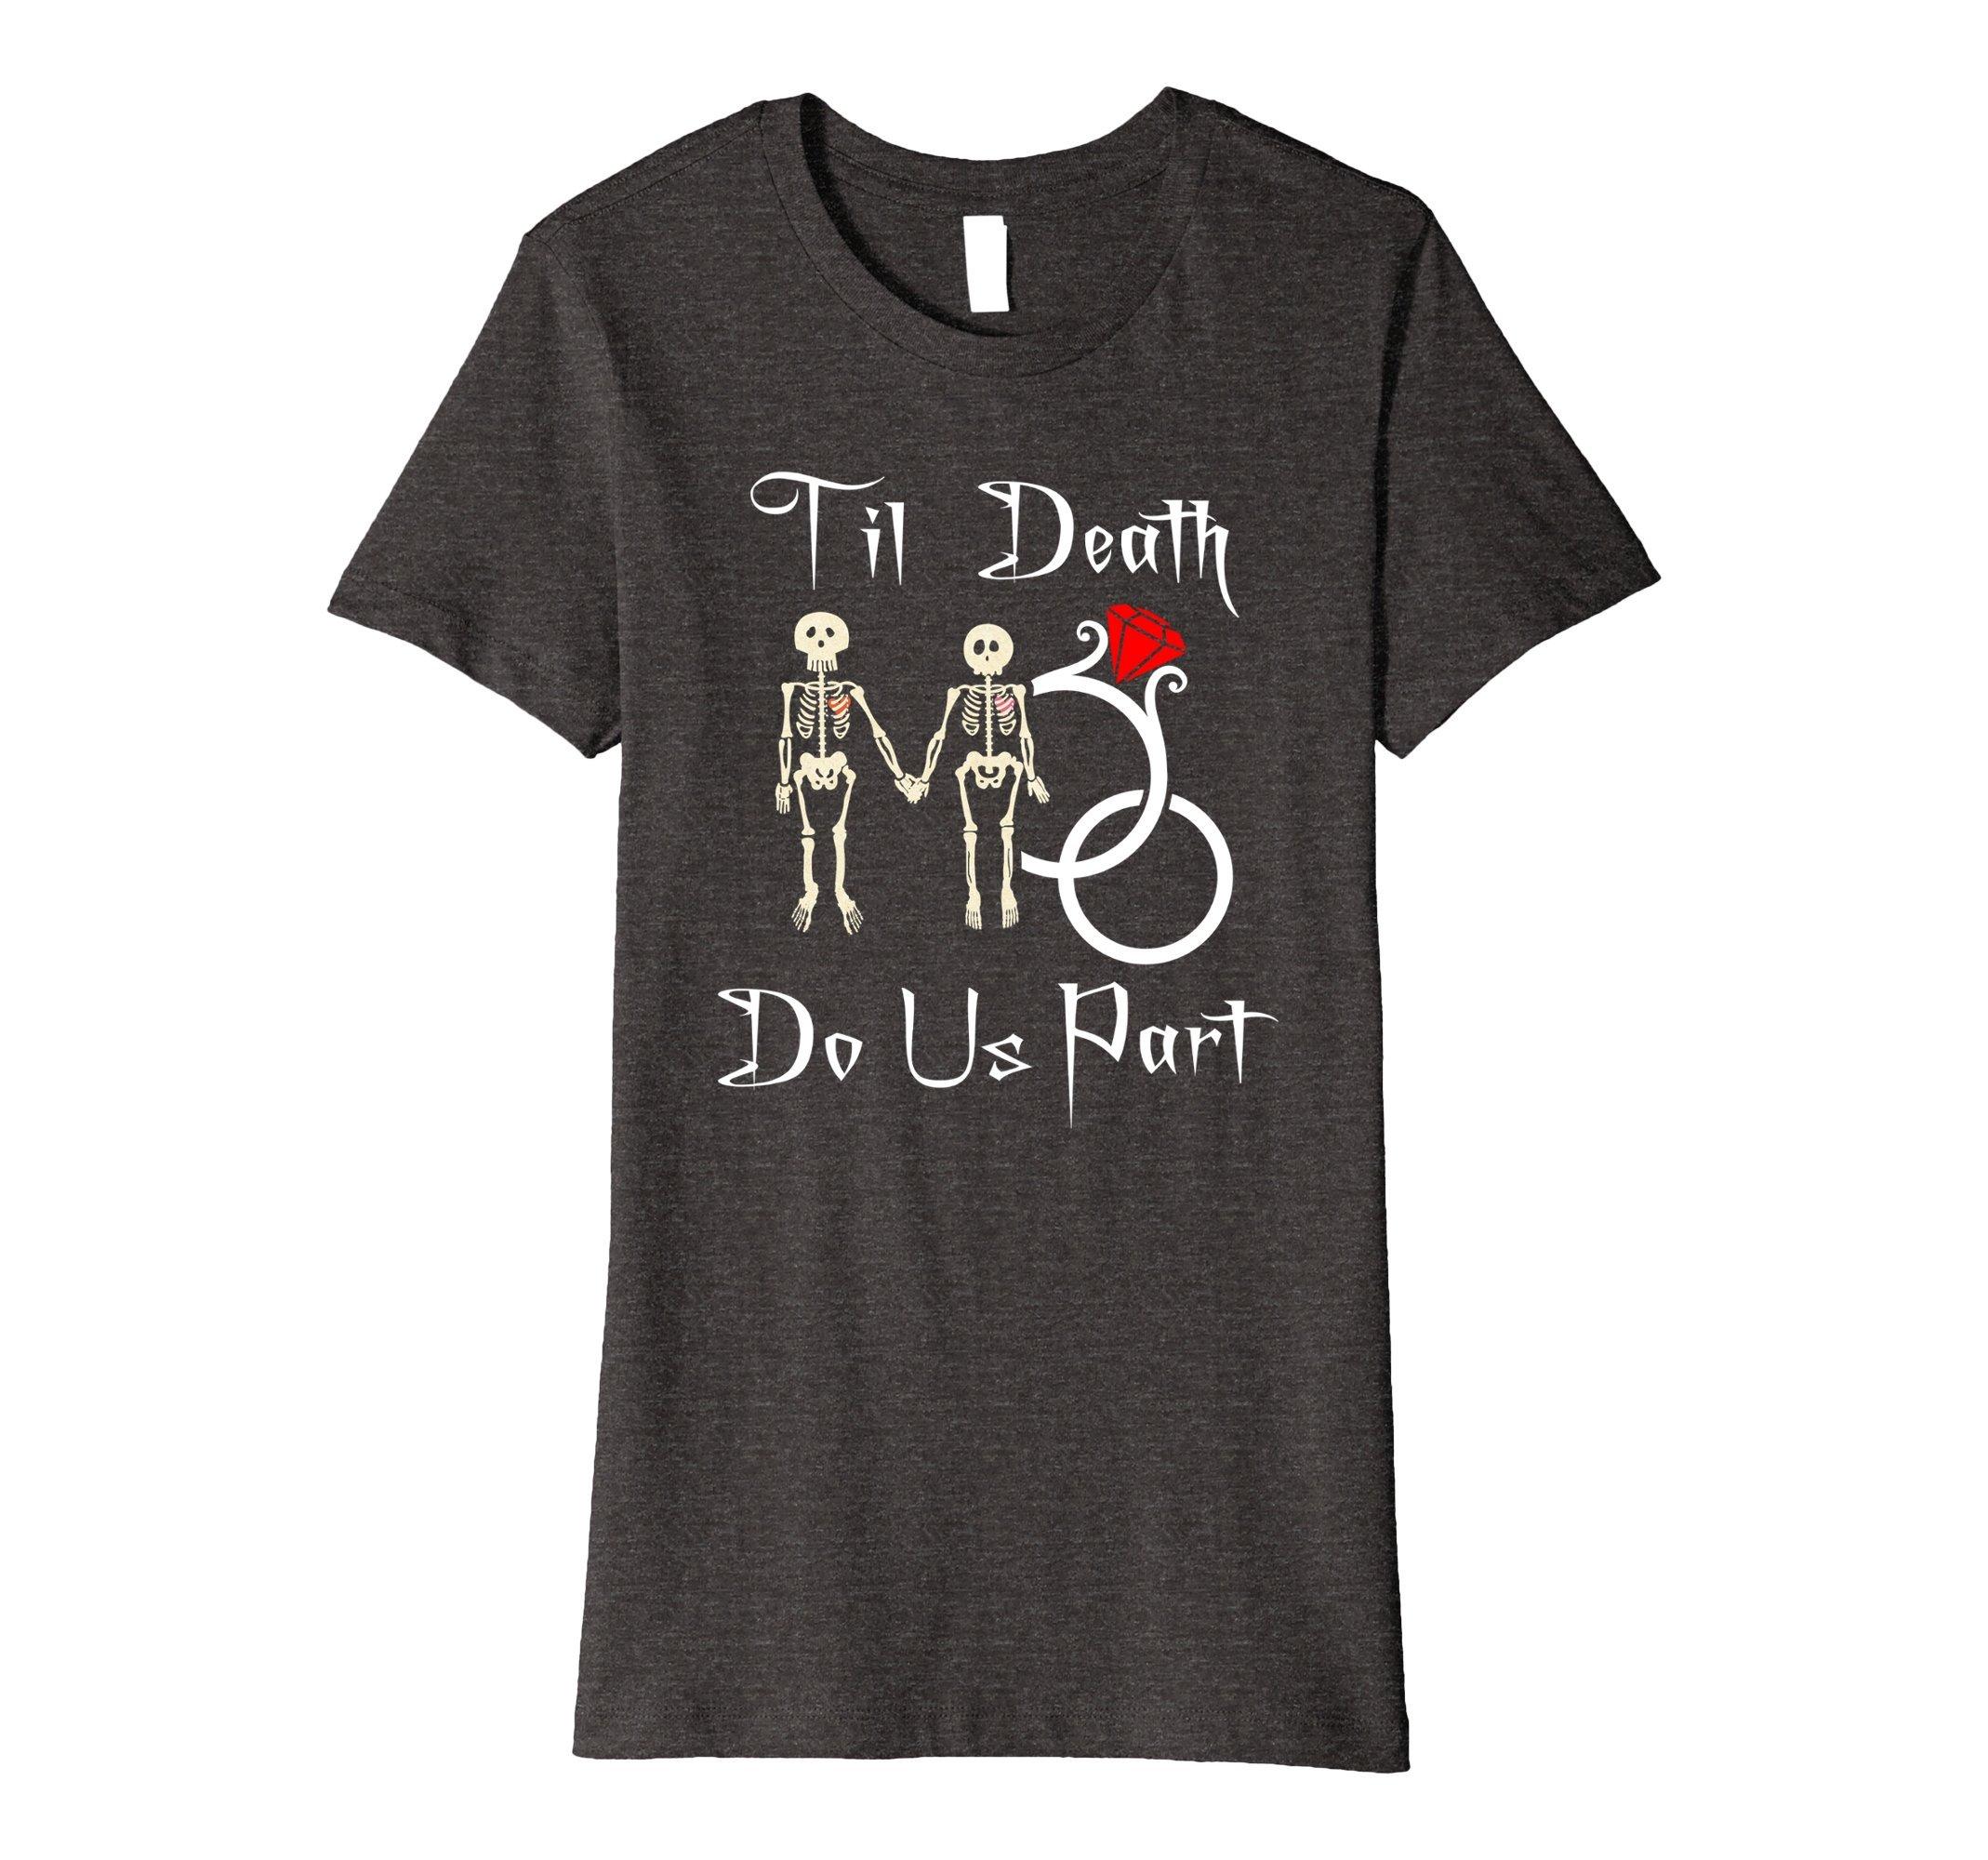 Til Death Do Us Part Tshirt